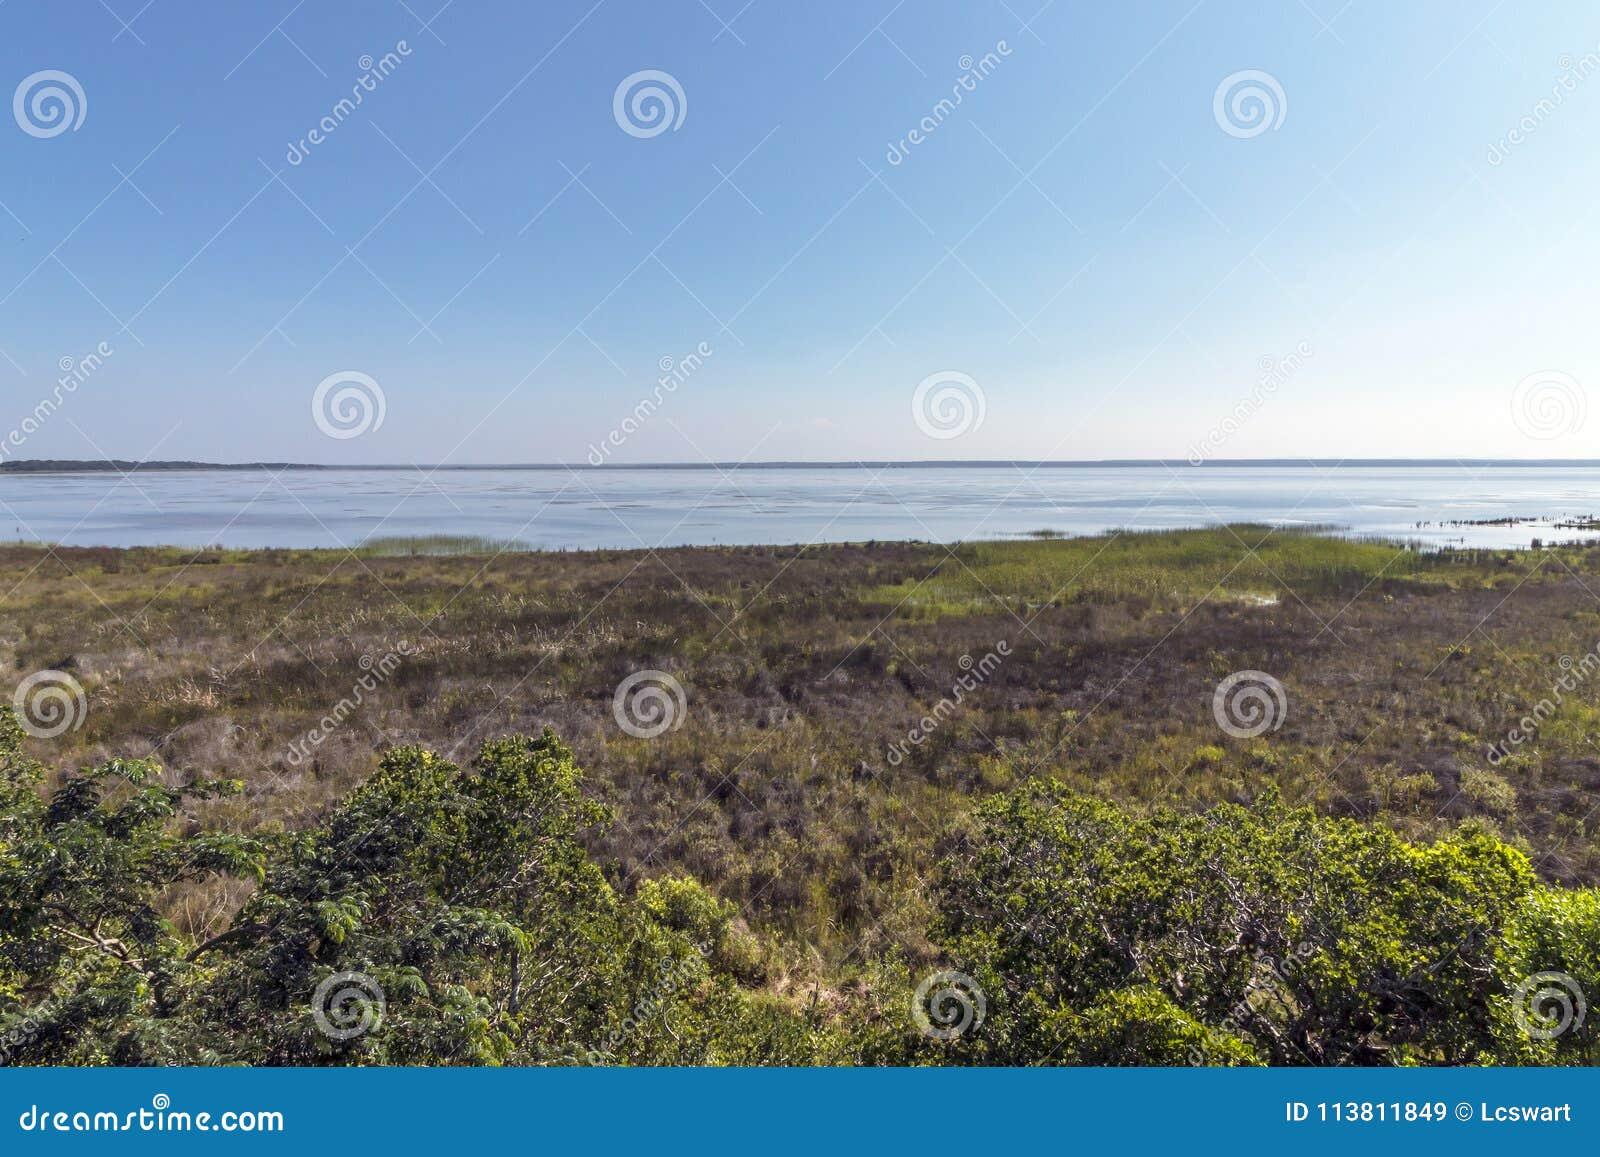 Natürliche Sumpfgebiet-Vegetation an See-St. Lucia South Africa